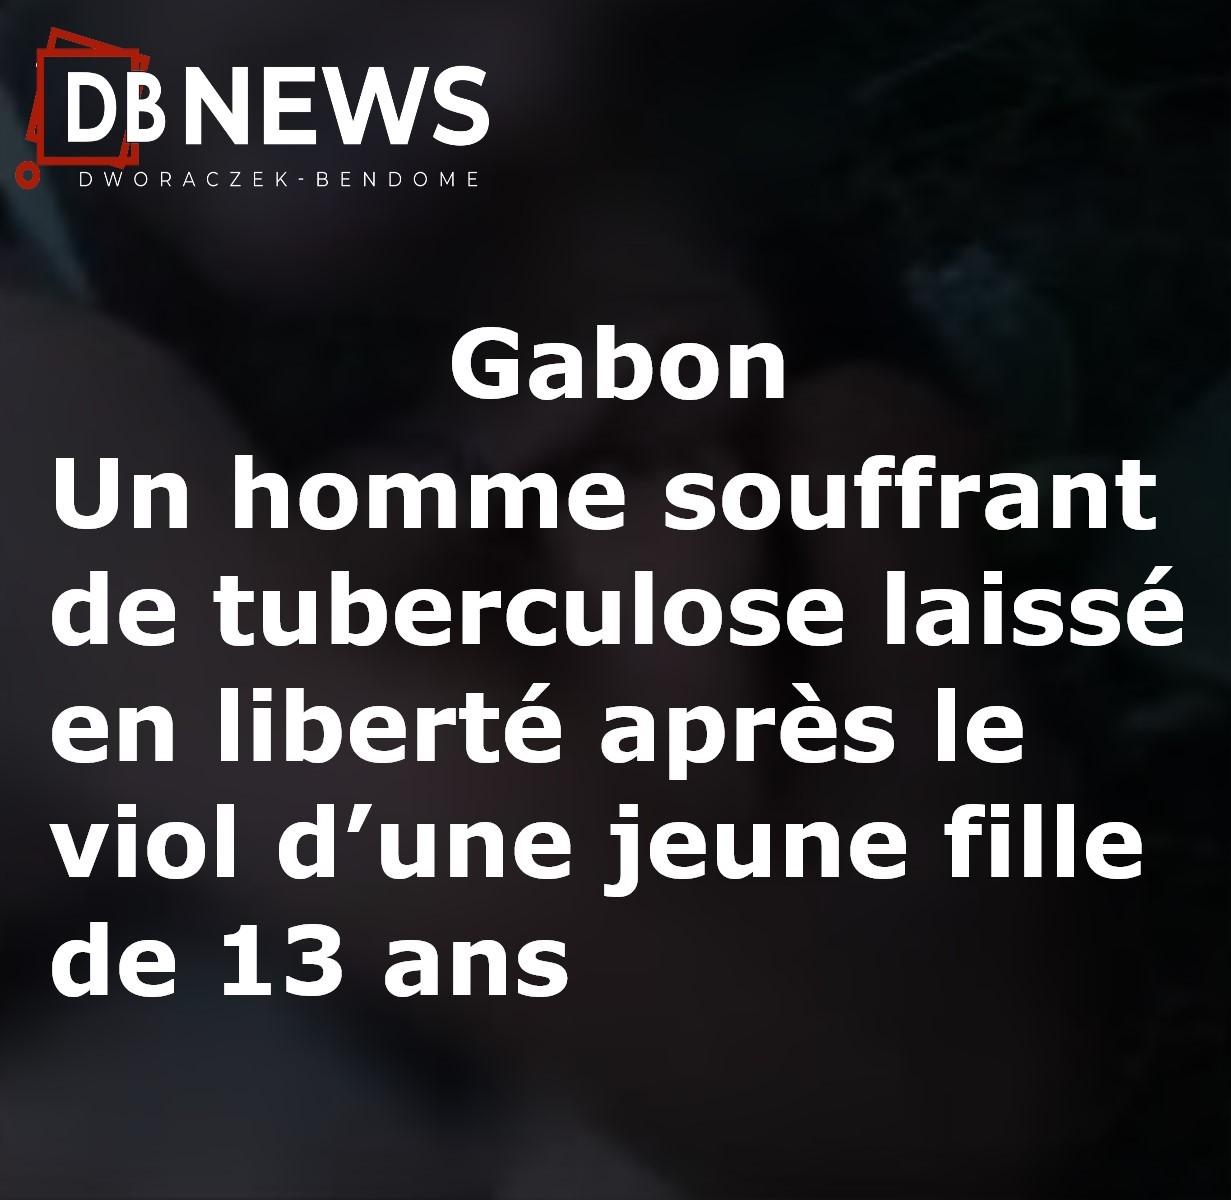 Gabon : Un homme souffrant de tuberculose laissé en liberté après le viol d'une jeune fille de 13 ans